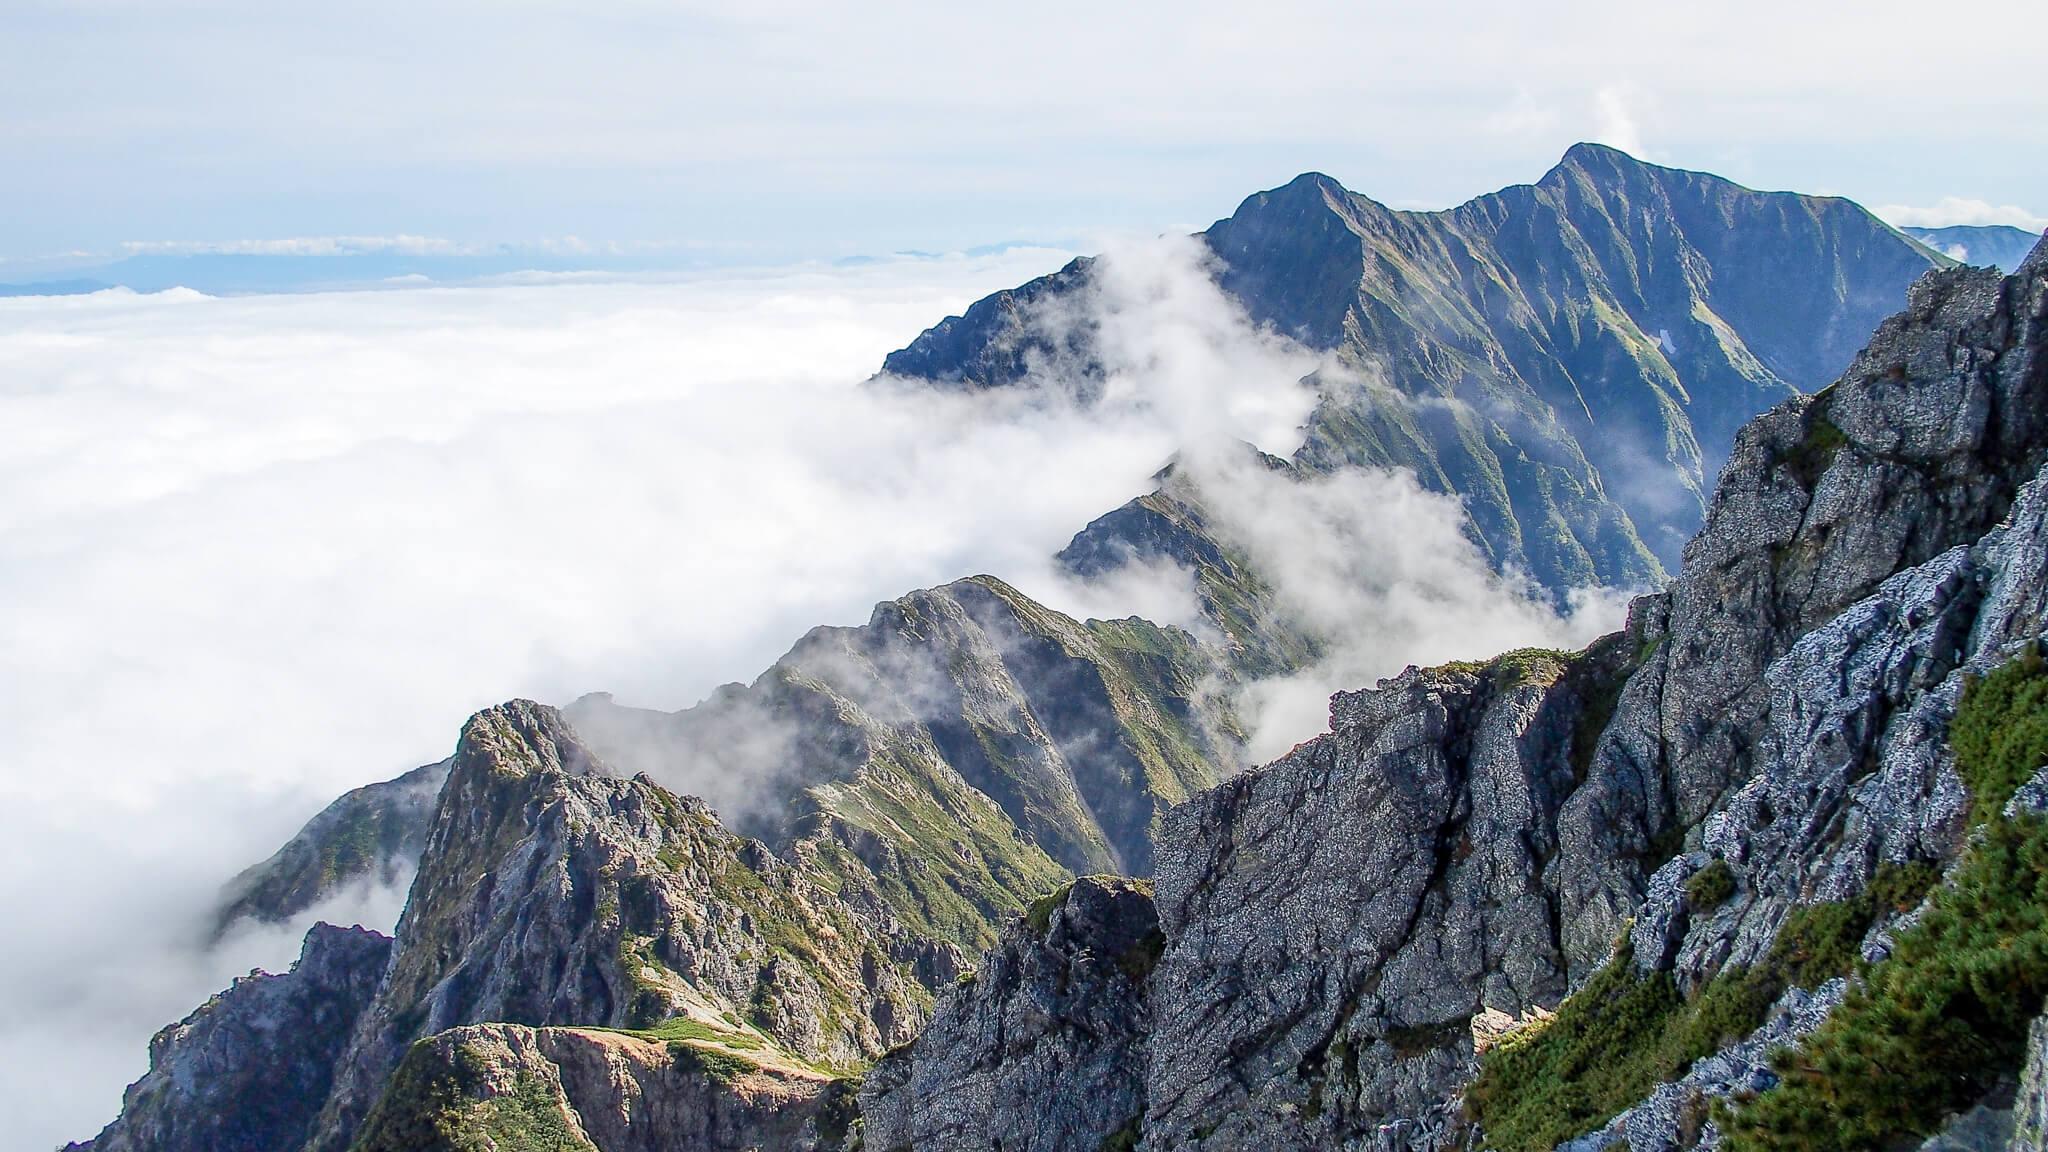 五竜岳から見えた八峰キレットと鹿島槍ヶ岳